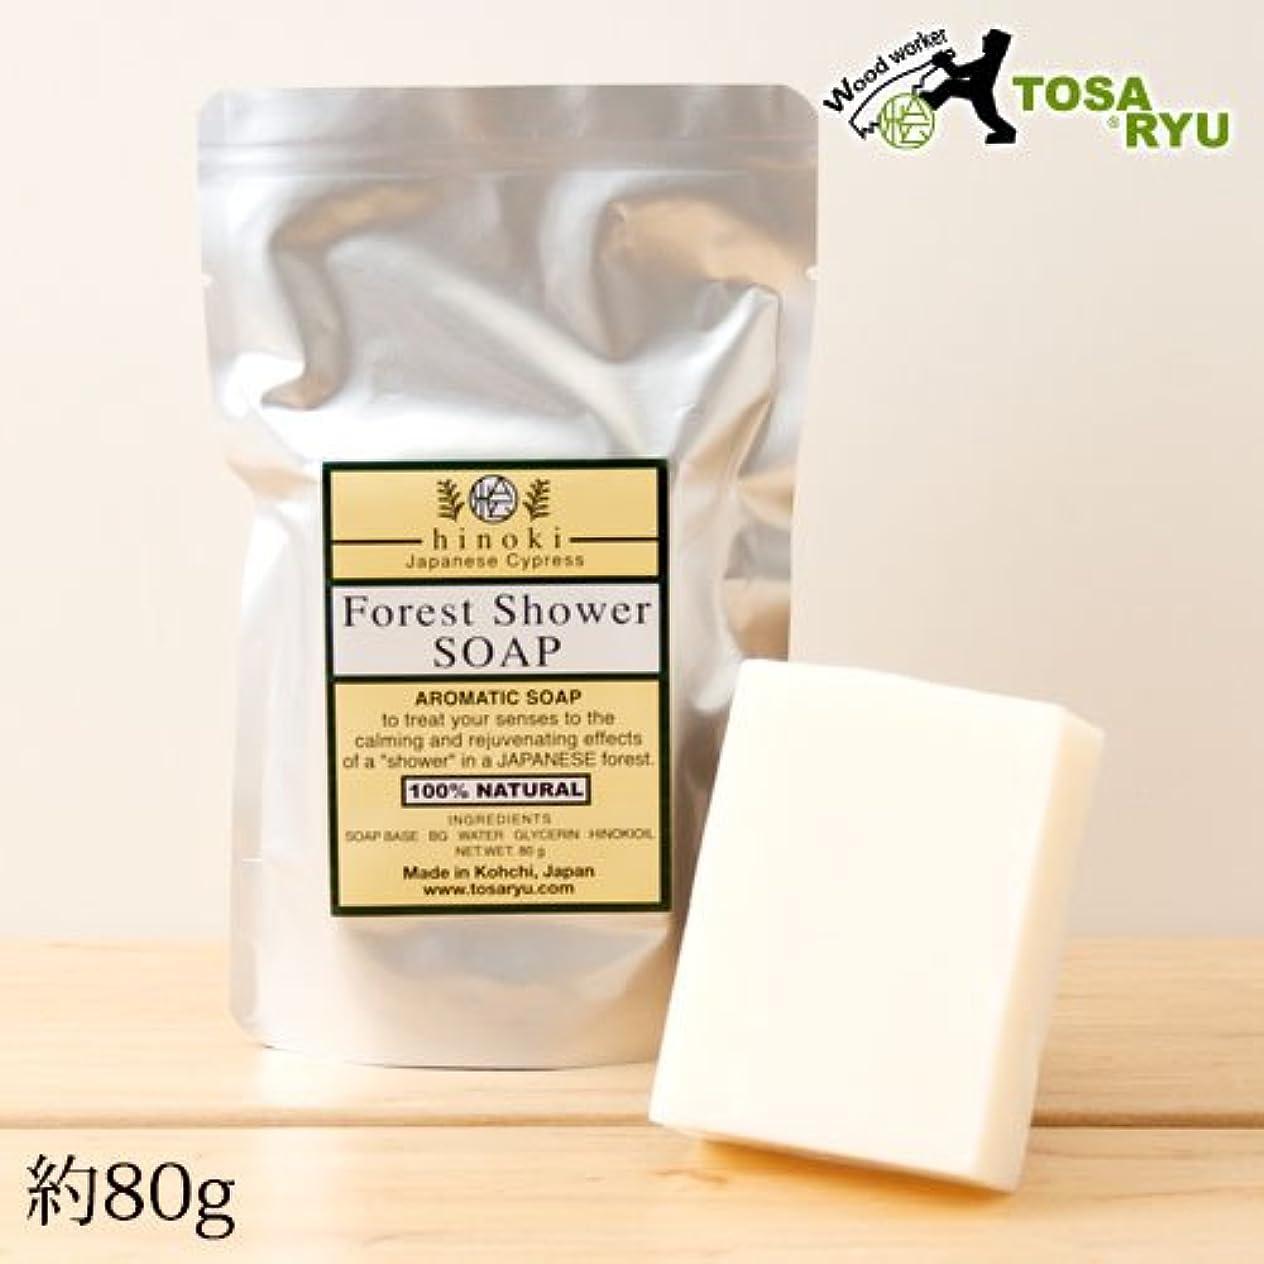 しかしながらリッチ更新Tosaryu, FOREST SHOWER SOAP, Aroma soap scent of cypress, Kochi craft